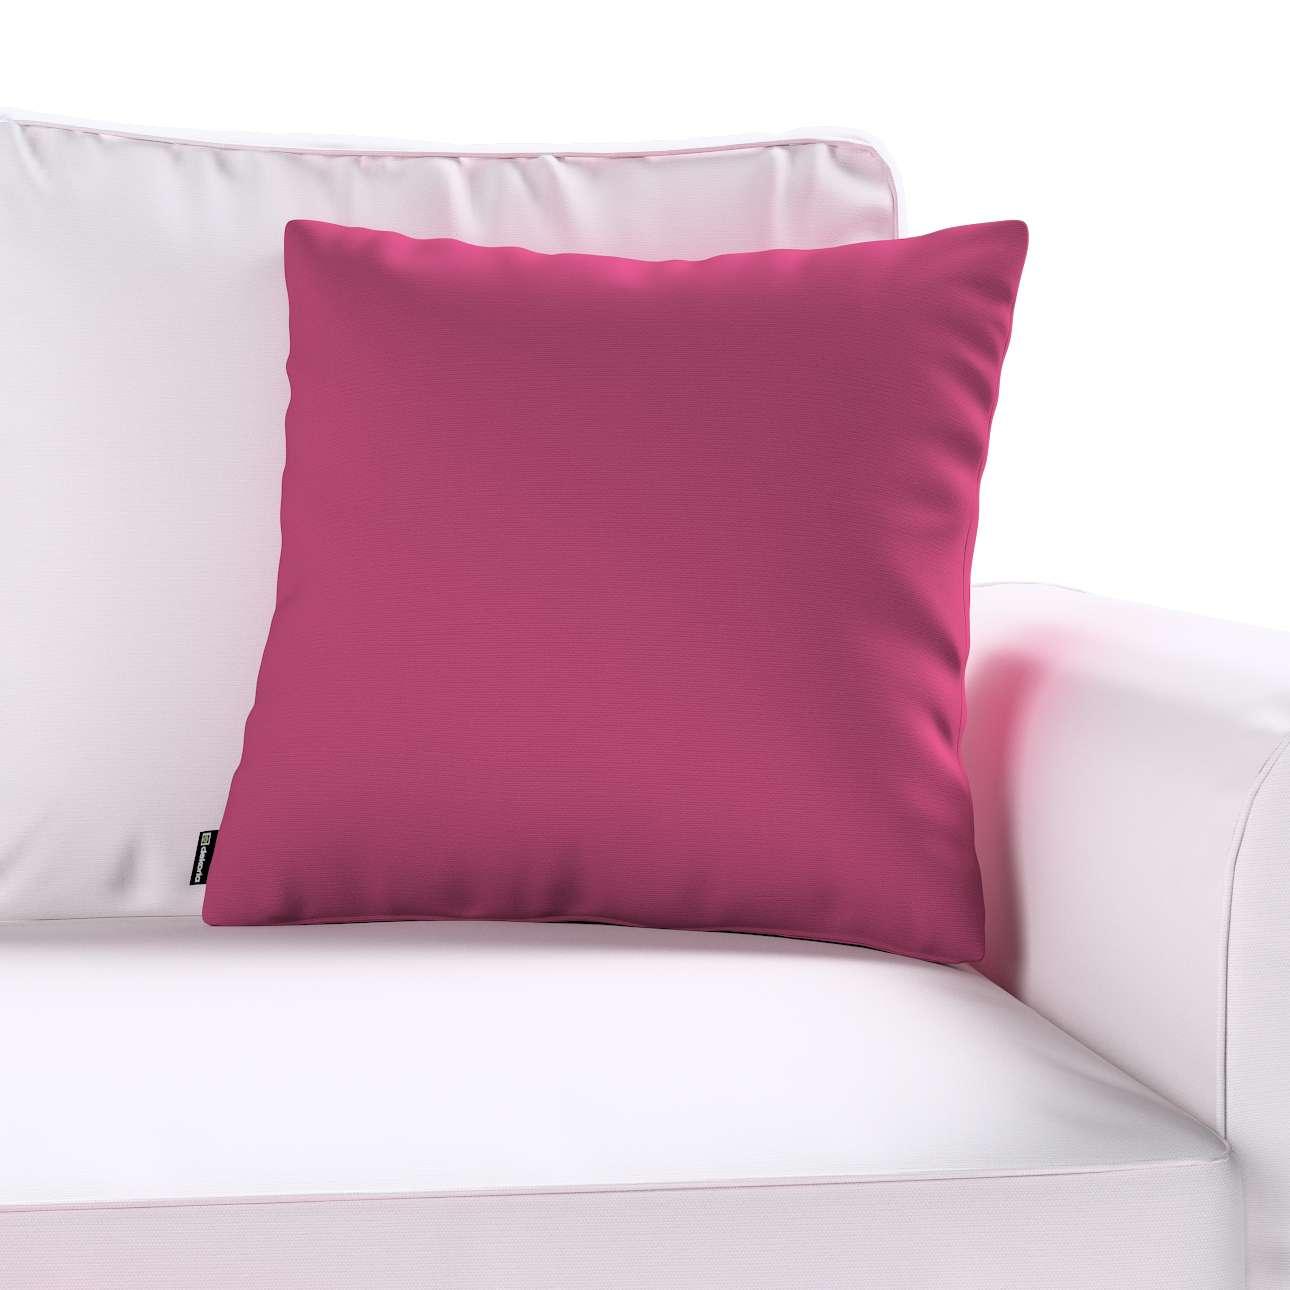 Karin - jednoduchá obliečka V kolekcii Cotton Panama, tkanina: 702-32